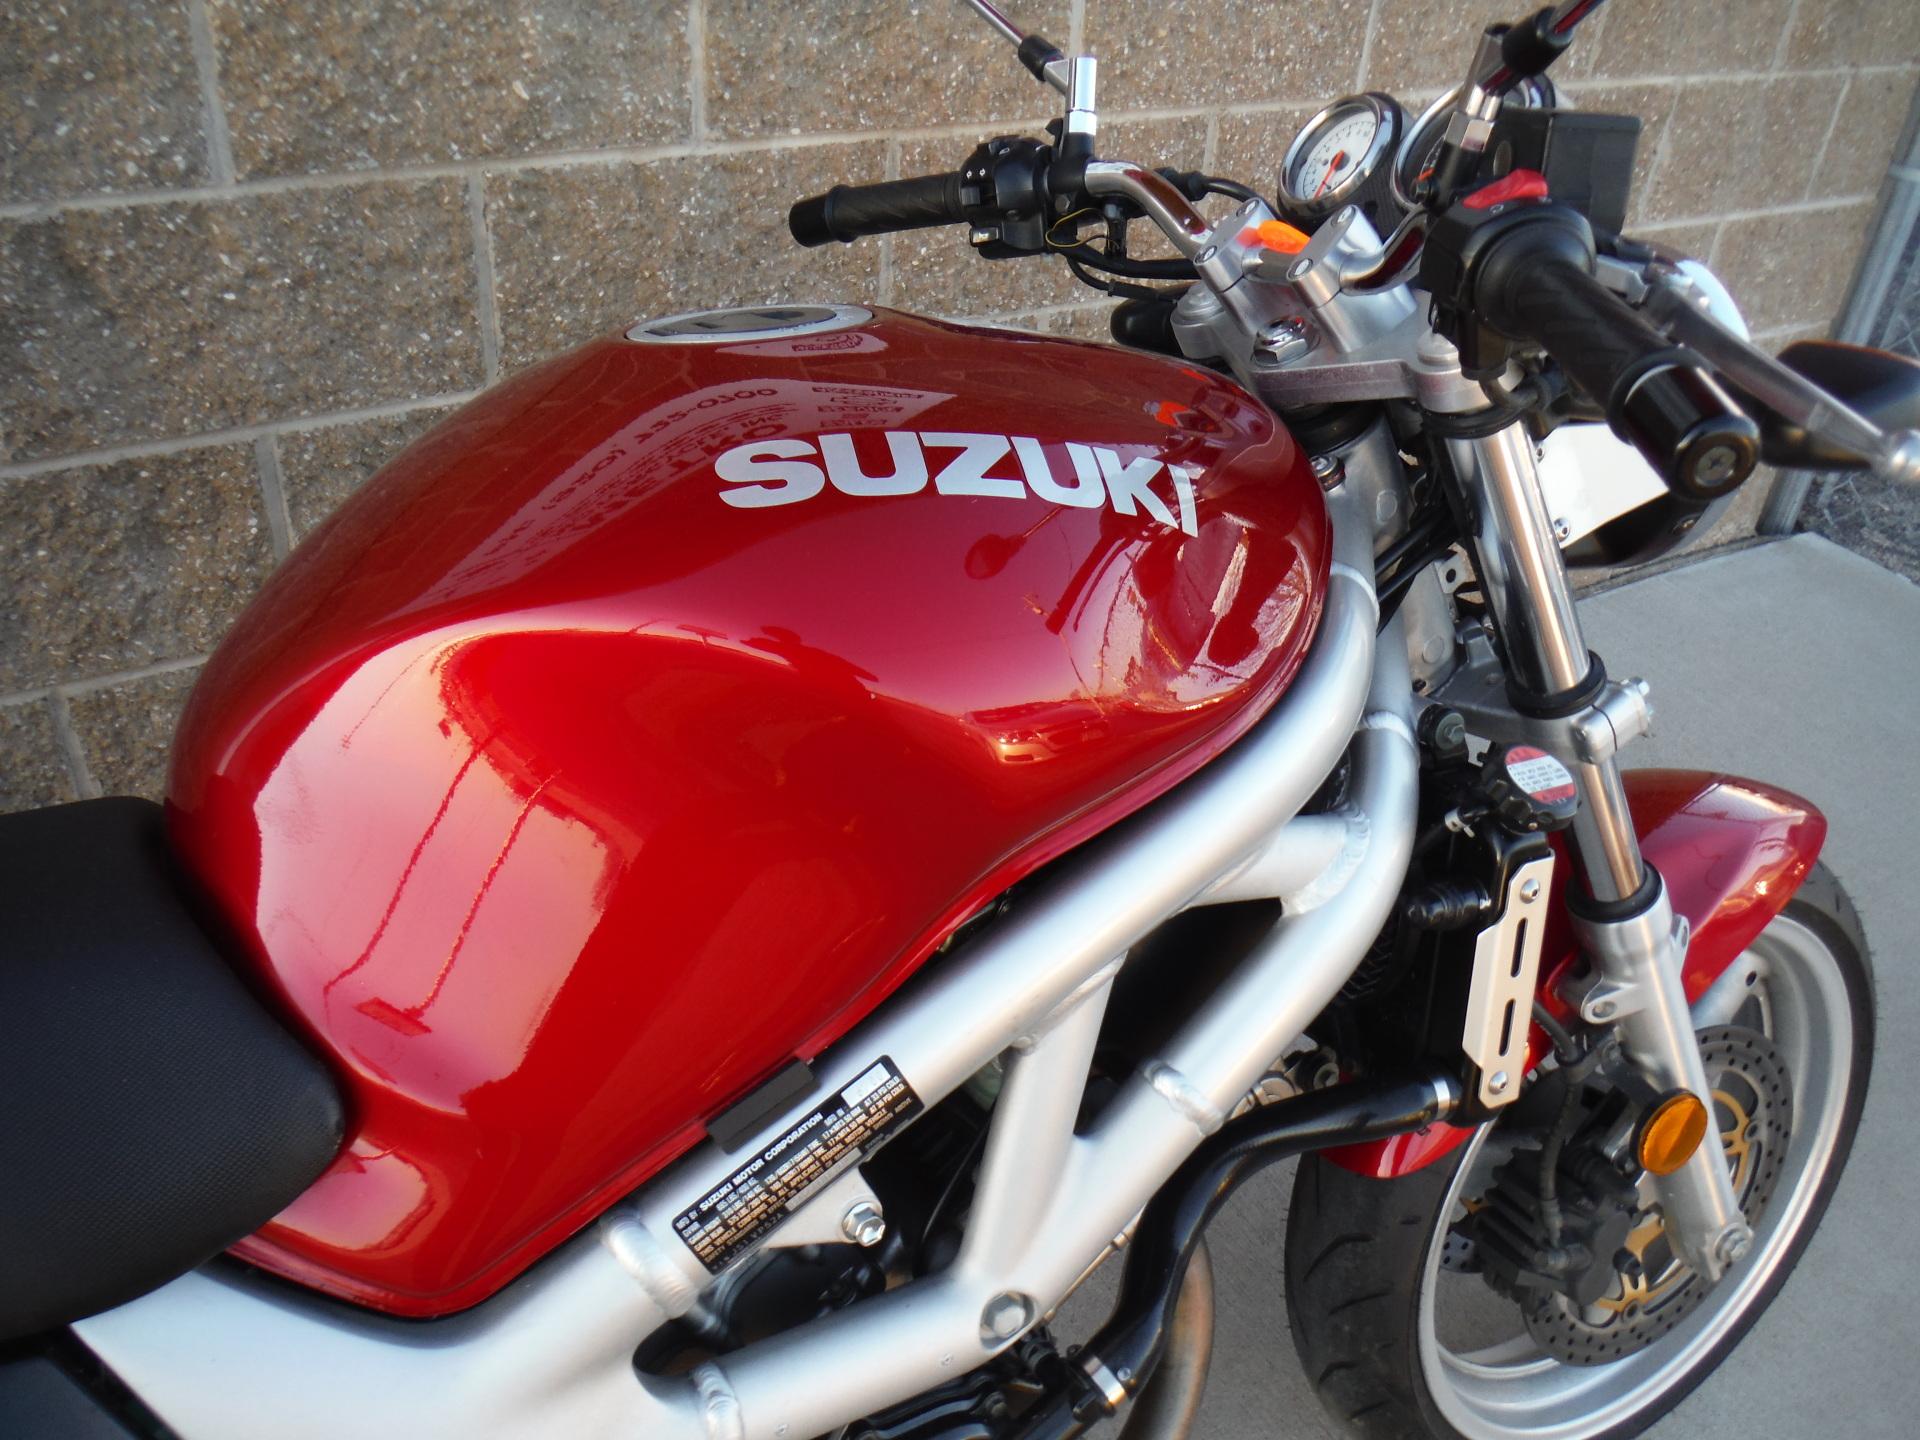 2001 Suzuki SV650